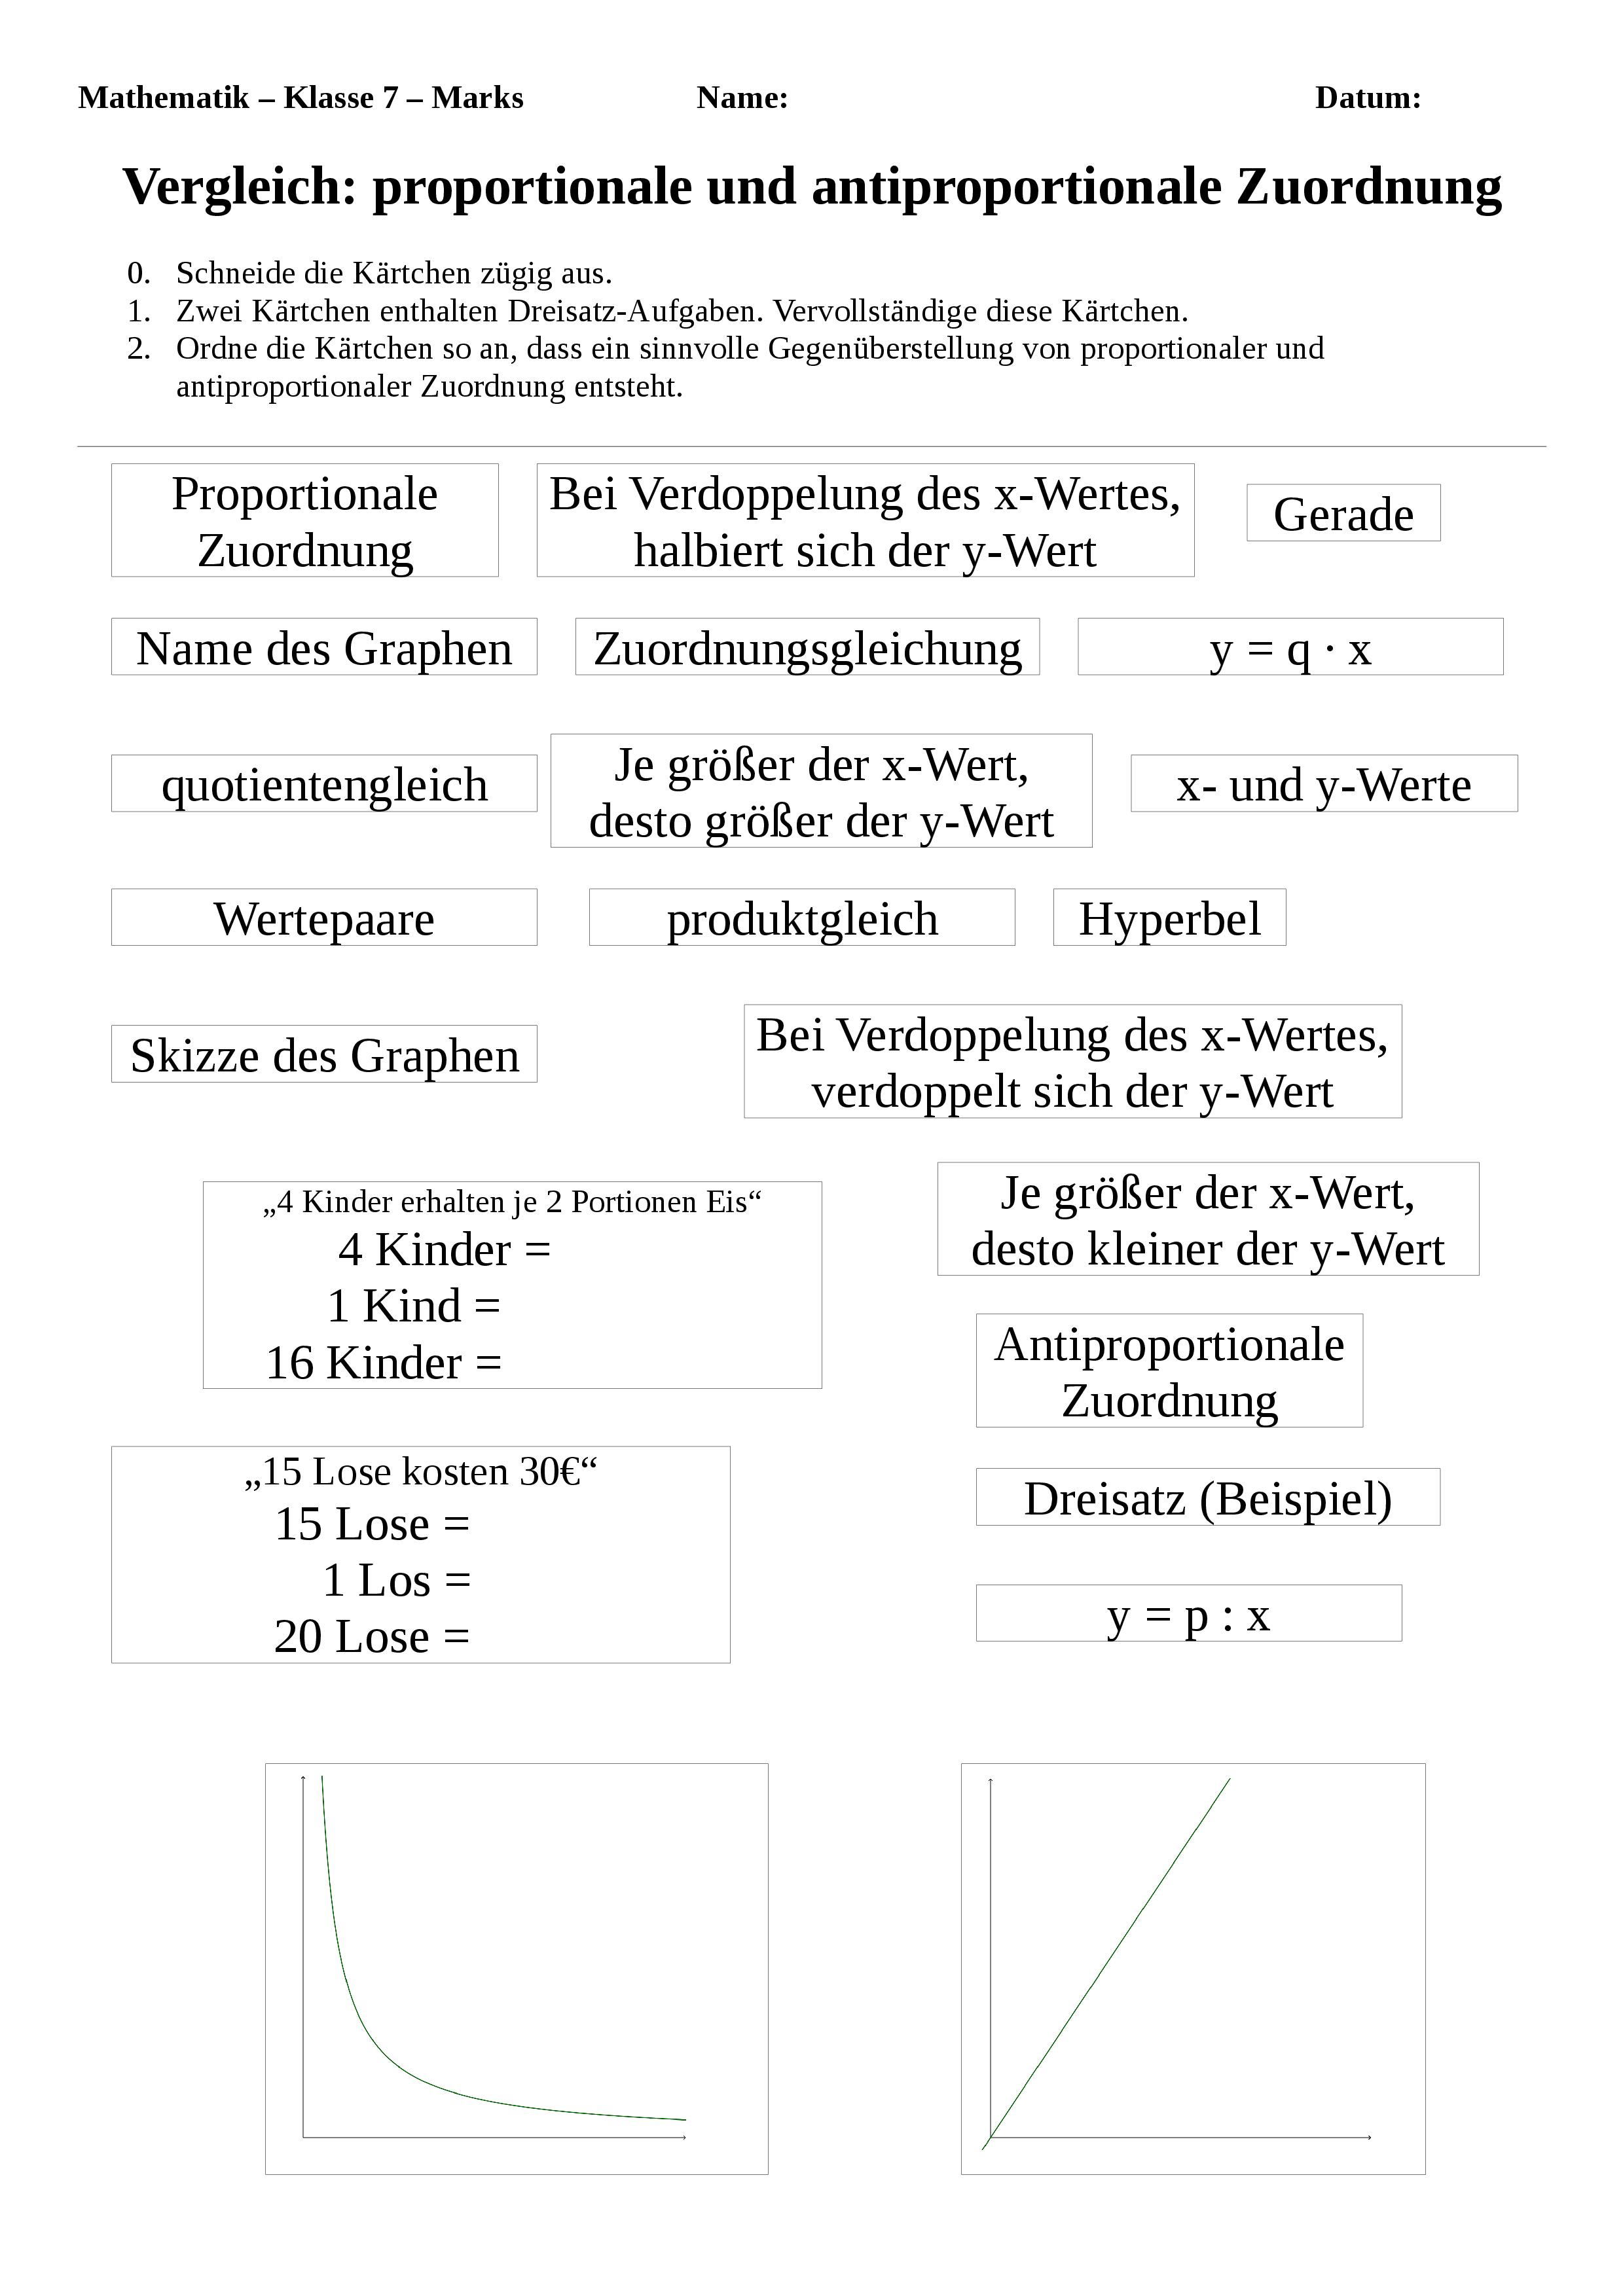 Kostenlos Strukturlegetechnik Proportionale Vs Antiproportionale Zuordnung Unterrichtsmaterial Im Fach Mathematik In 2020 Mathematik Mathematikunterricht Unterrichtsmaterial